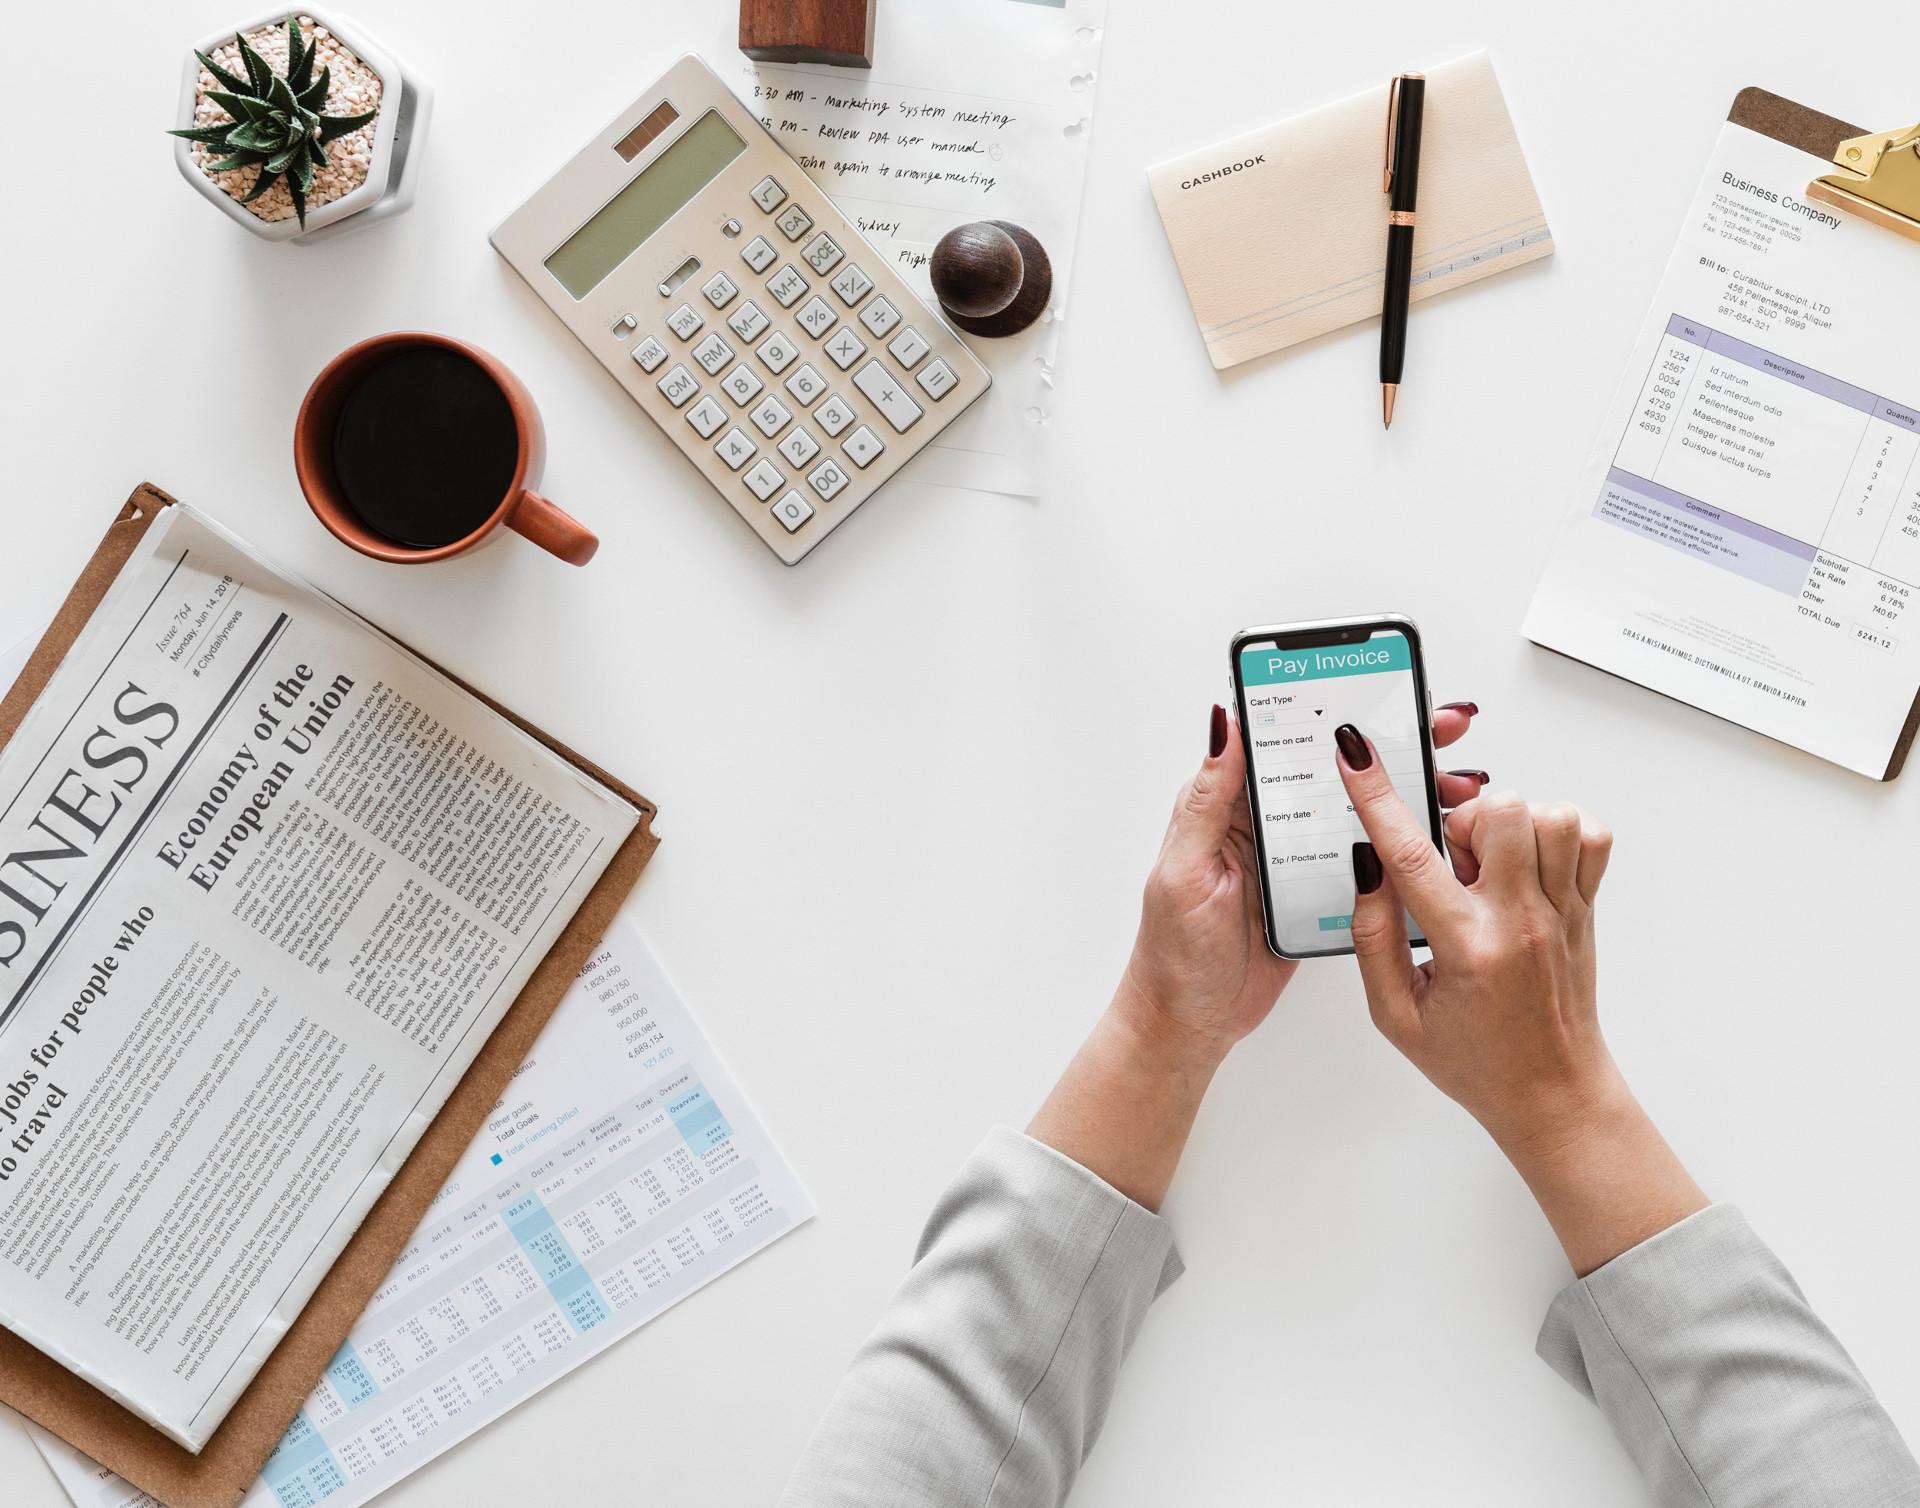 適切な顧客管理方法とは?4つの顧客管理方法とそのメリットをご紹介| Senses Lab. |top